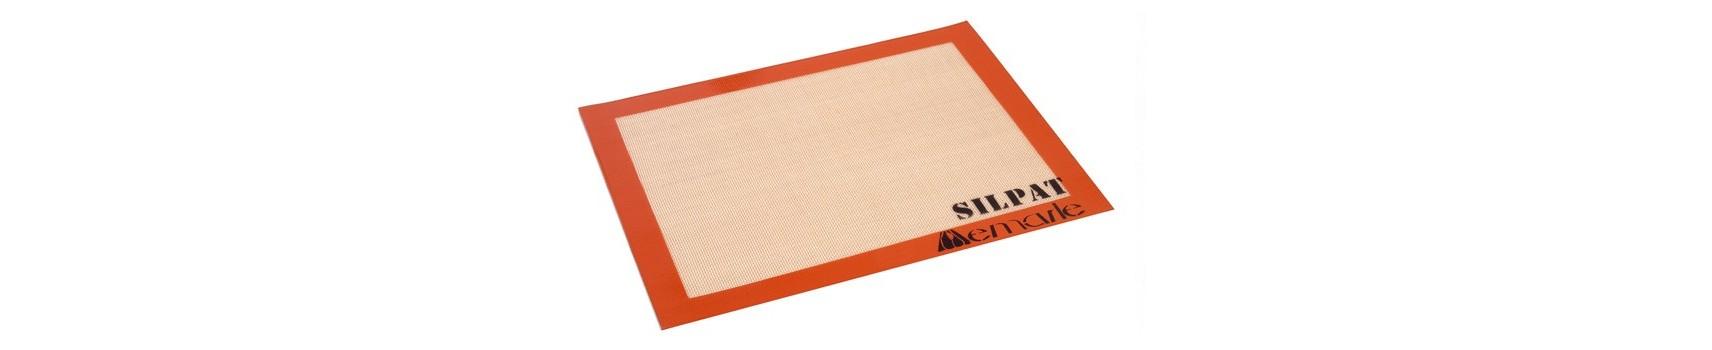 Baking paper / Baking mat